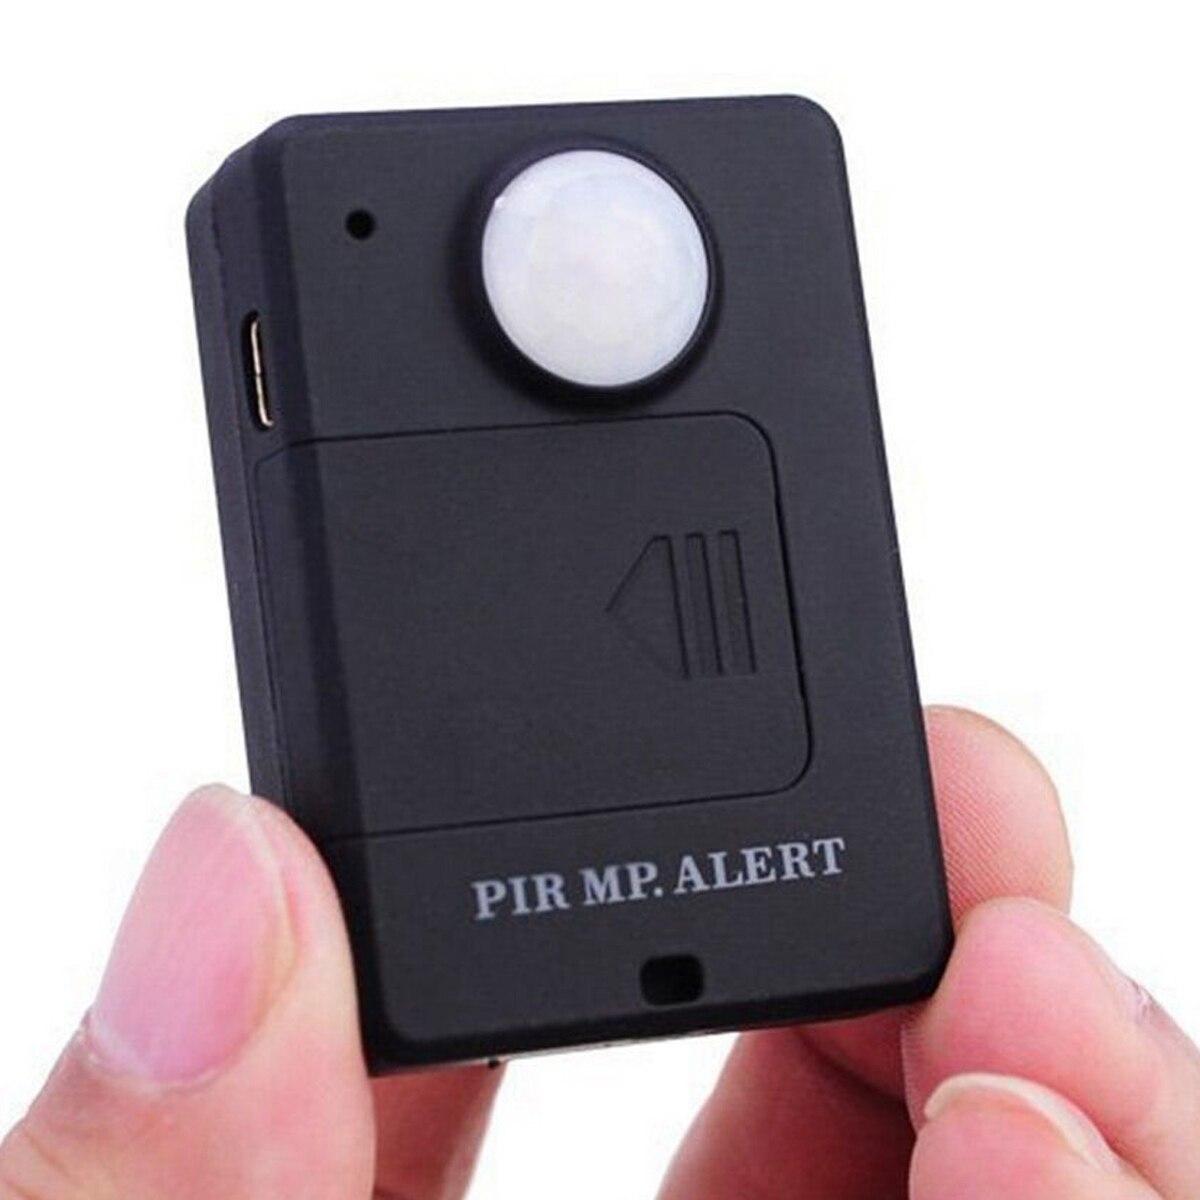 Mini GSM Alarm PIR Alarm z czujnikiem ruchu podczerwieni bezprzewodowy Alarm GSM z zabezpieczeniem przeciw kradzieży wykrywacz ruchu o wysokiej czułości